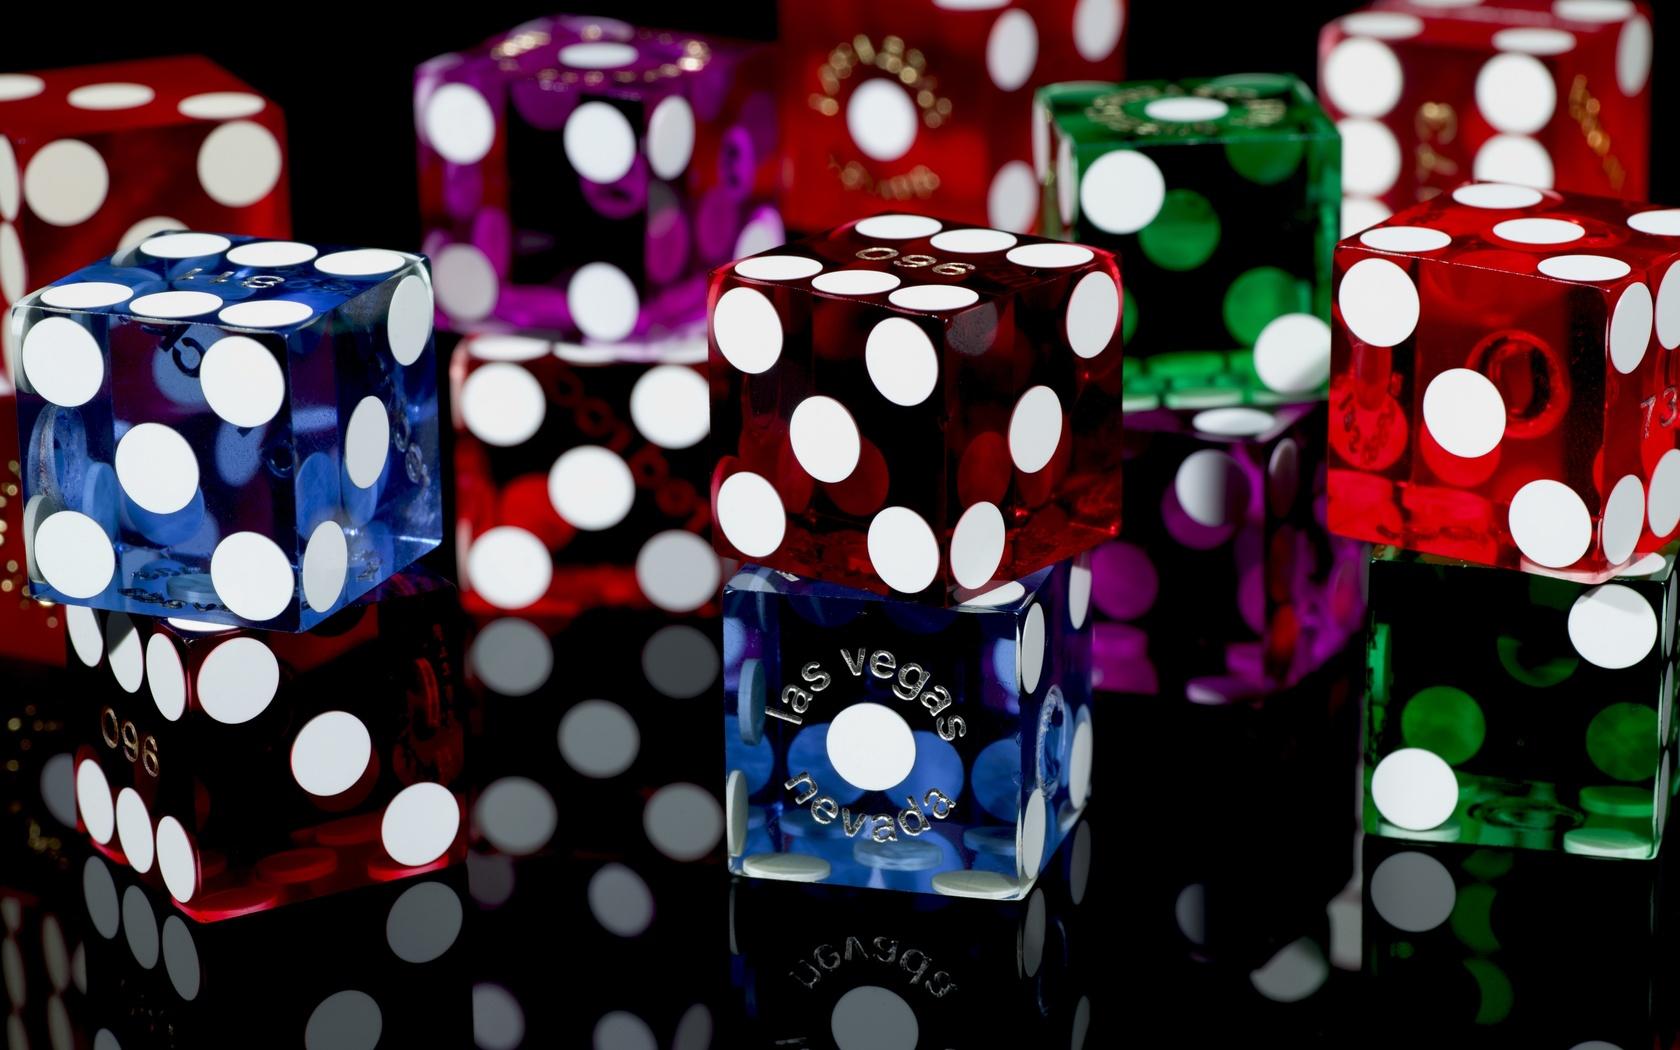 игра, кости, казино, лас-вегас